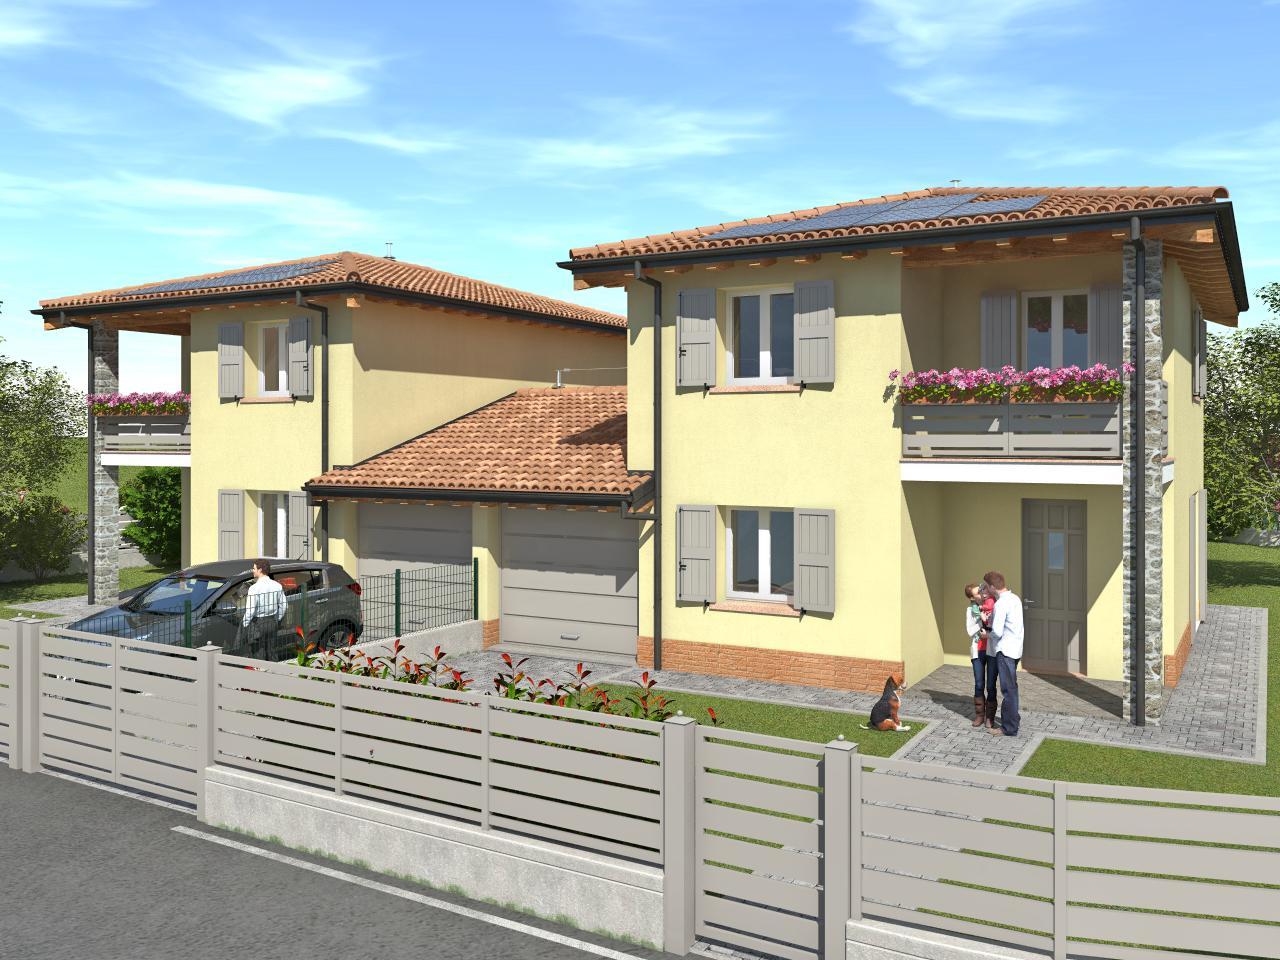 Montecchio E. – Ville abbinate (lotto A)